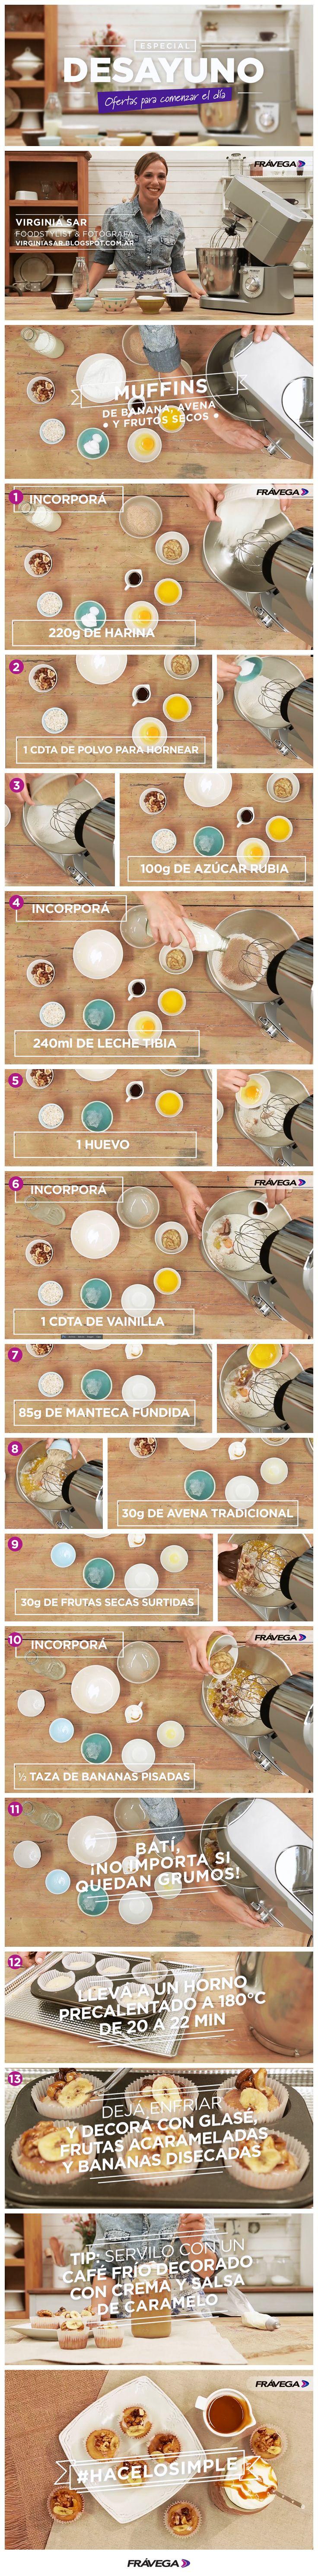 ¡Paso a paso! Smoothie de naranja, pomelo yogurt y leche de coco, #HaceloSimple con Virginia Sar en Frávega. #EspecialDesayuno #Gourmet #Foodstyle